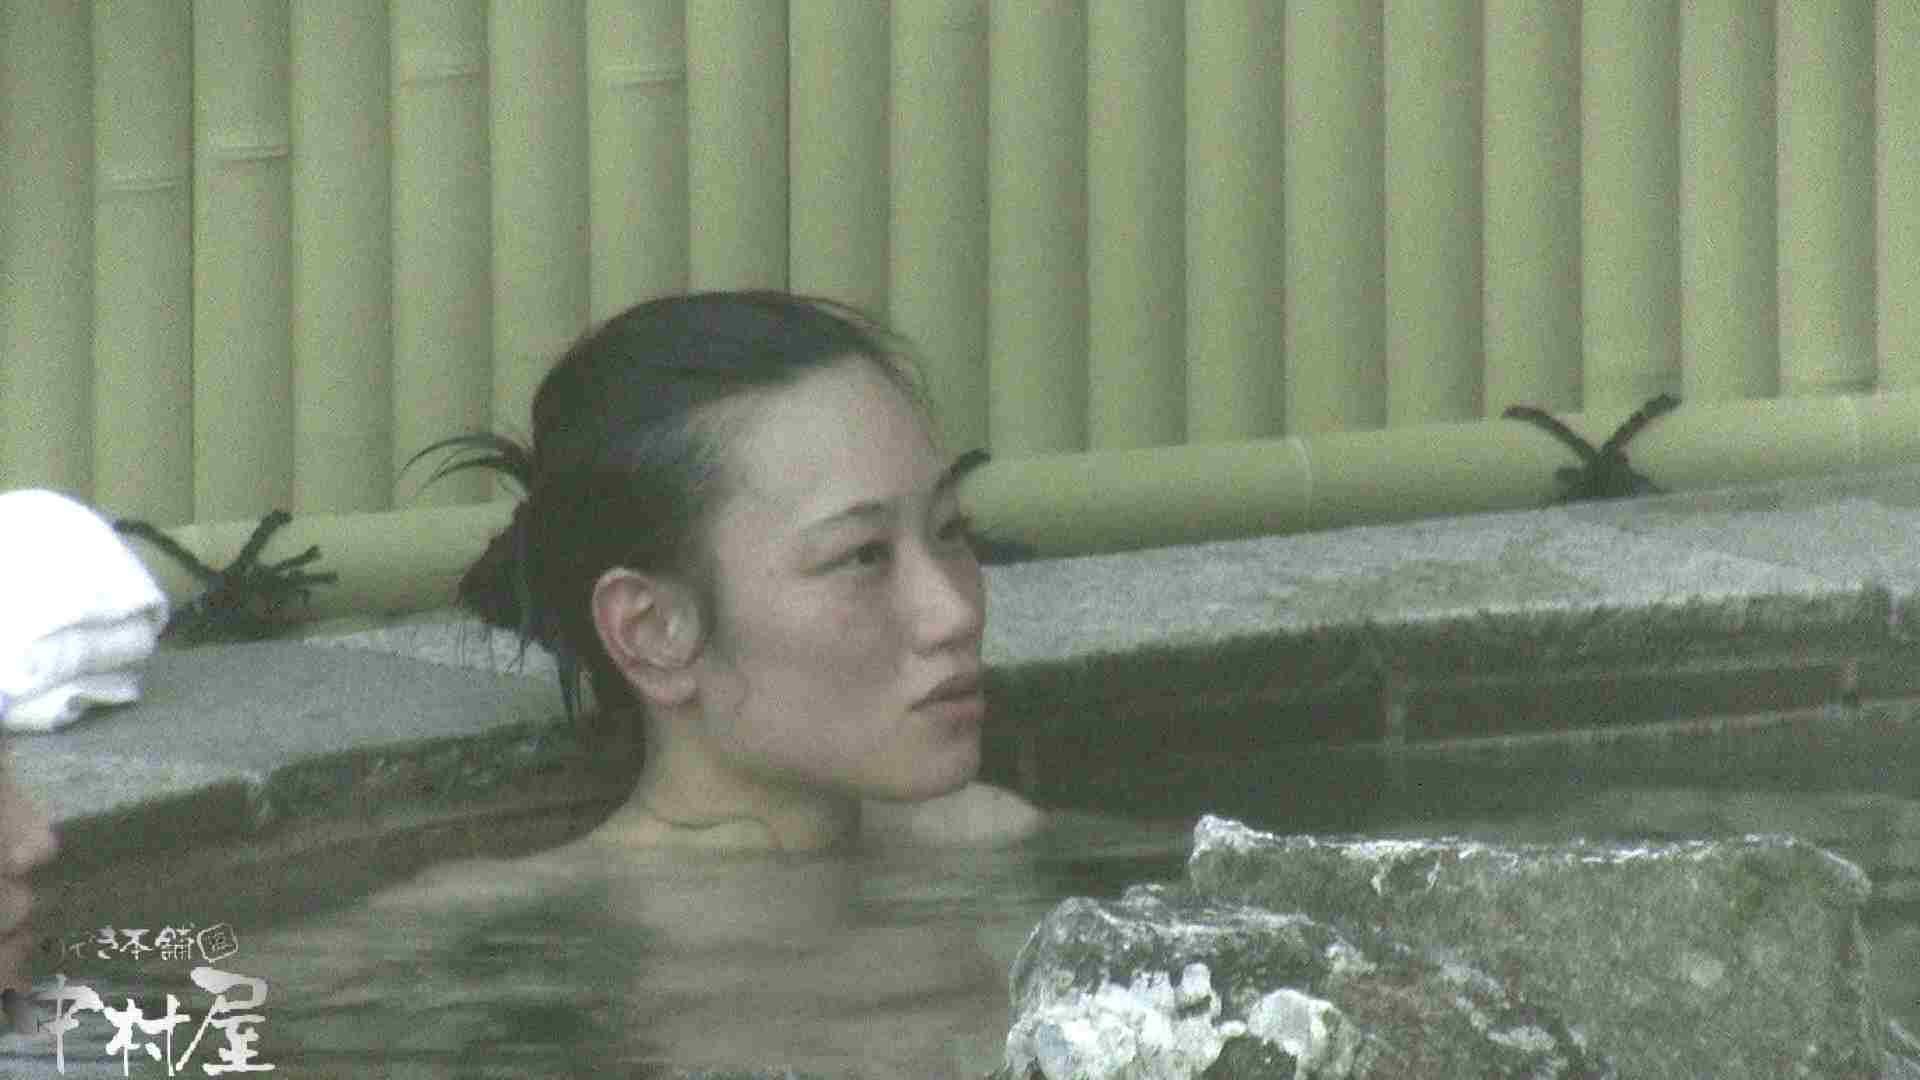 Aquaな露天風呂Vol.914 露天 | 盗撮  98pic 85